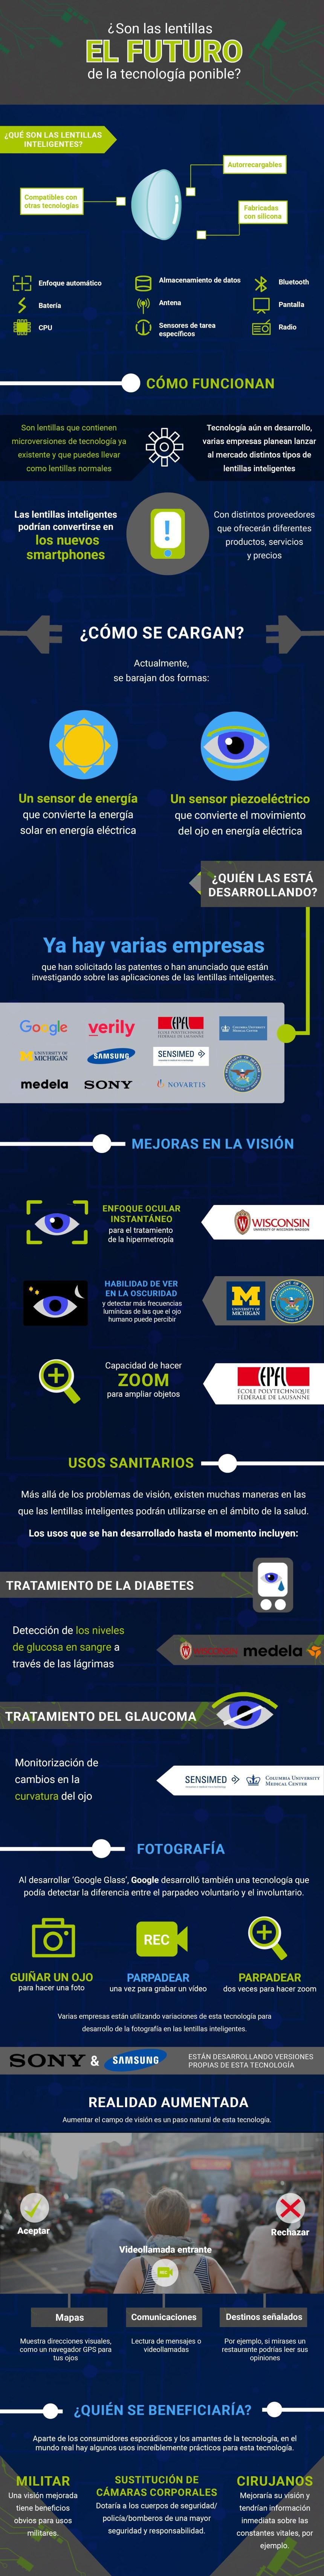 ¿Son las lentillas el futuro de la tecnología wearable?